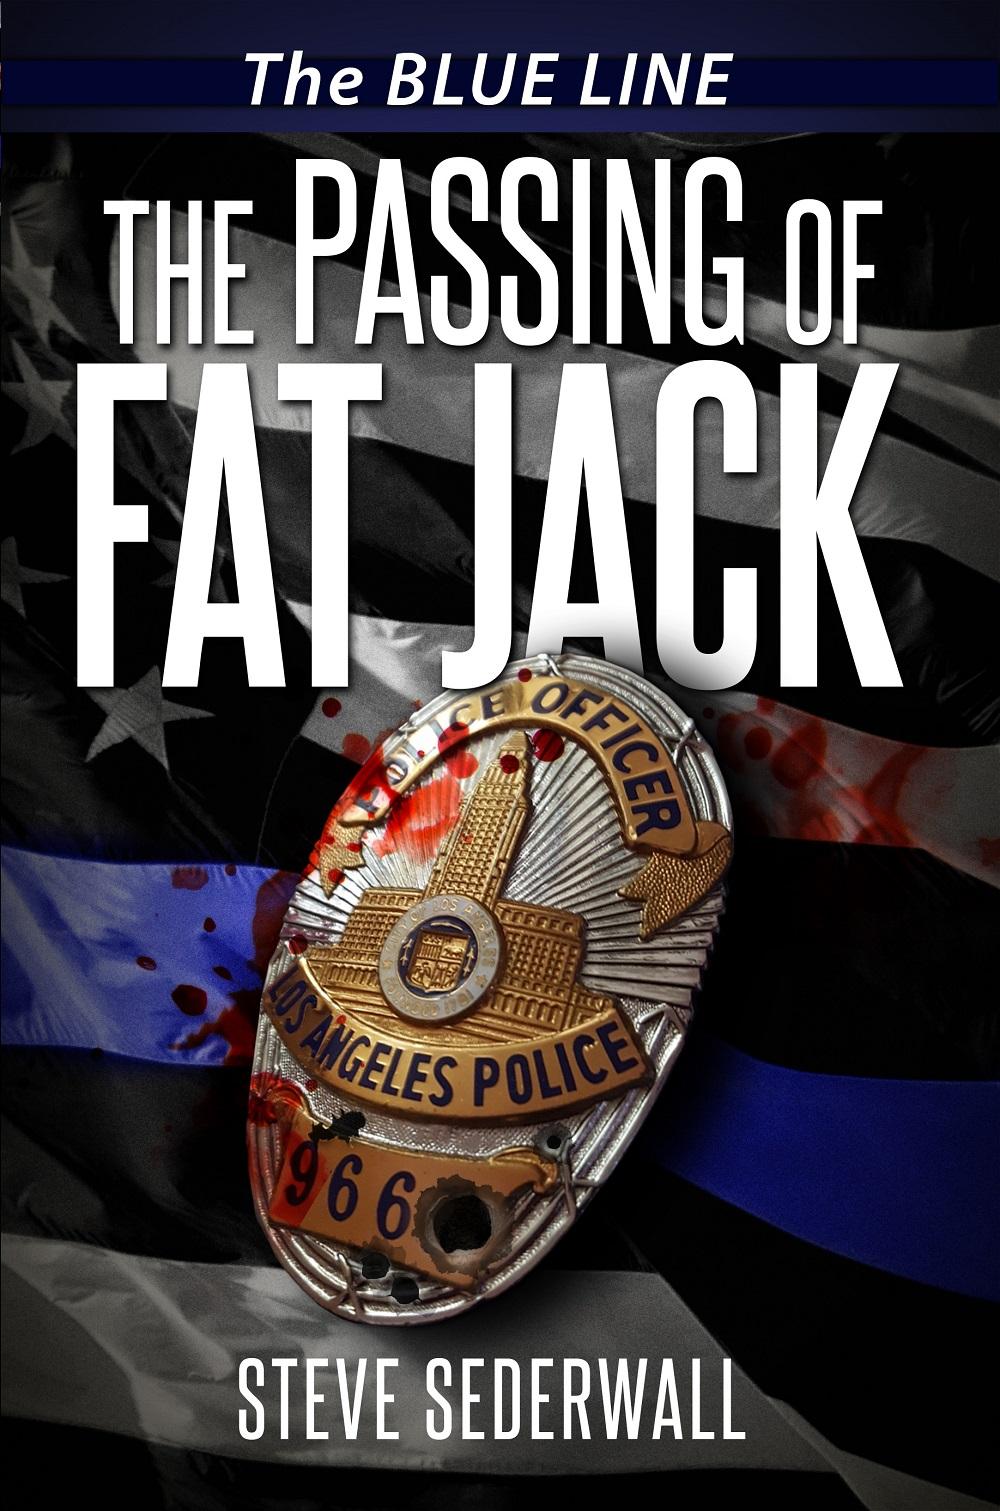 The Passing of Fat Jack Steve Sederwall